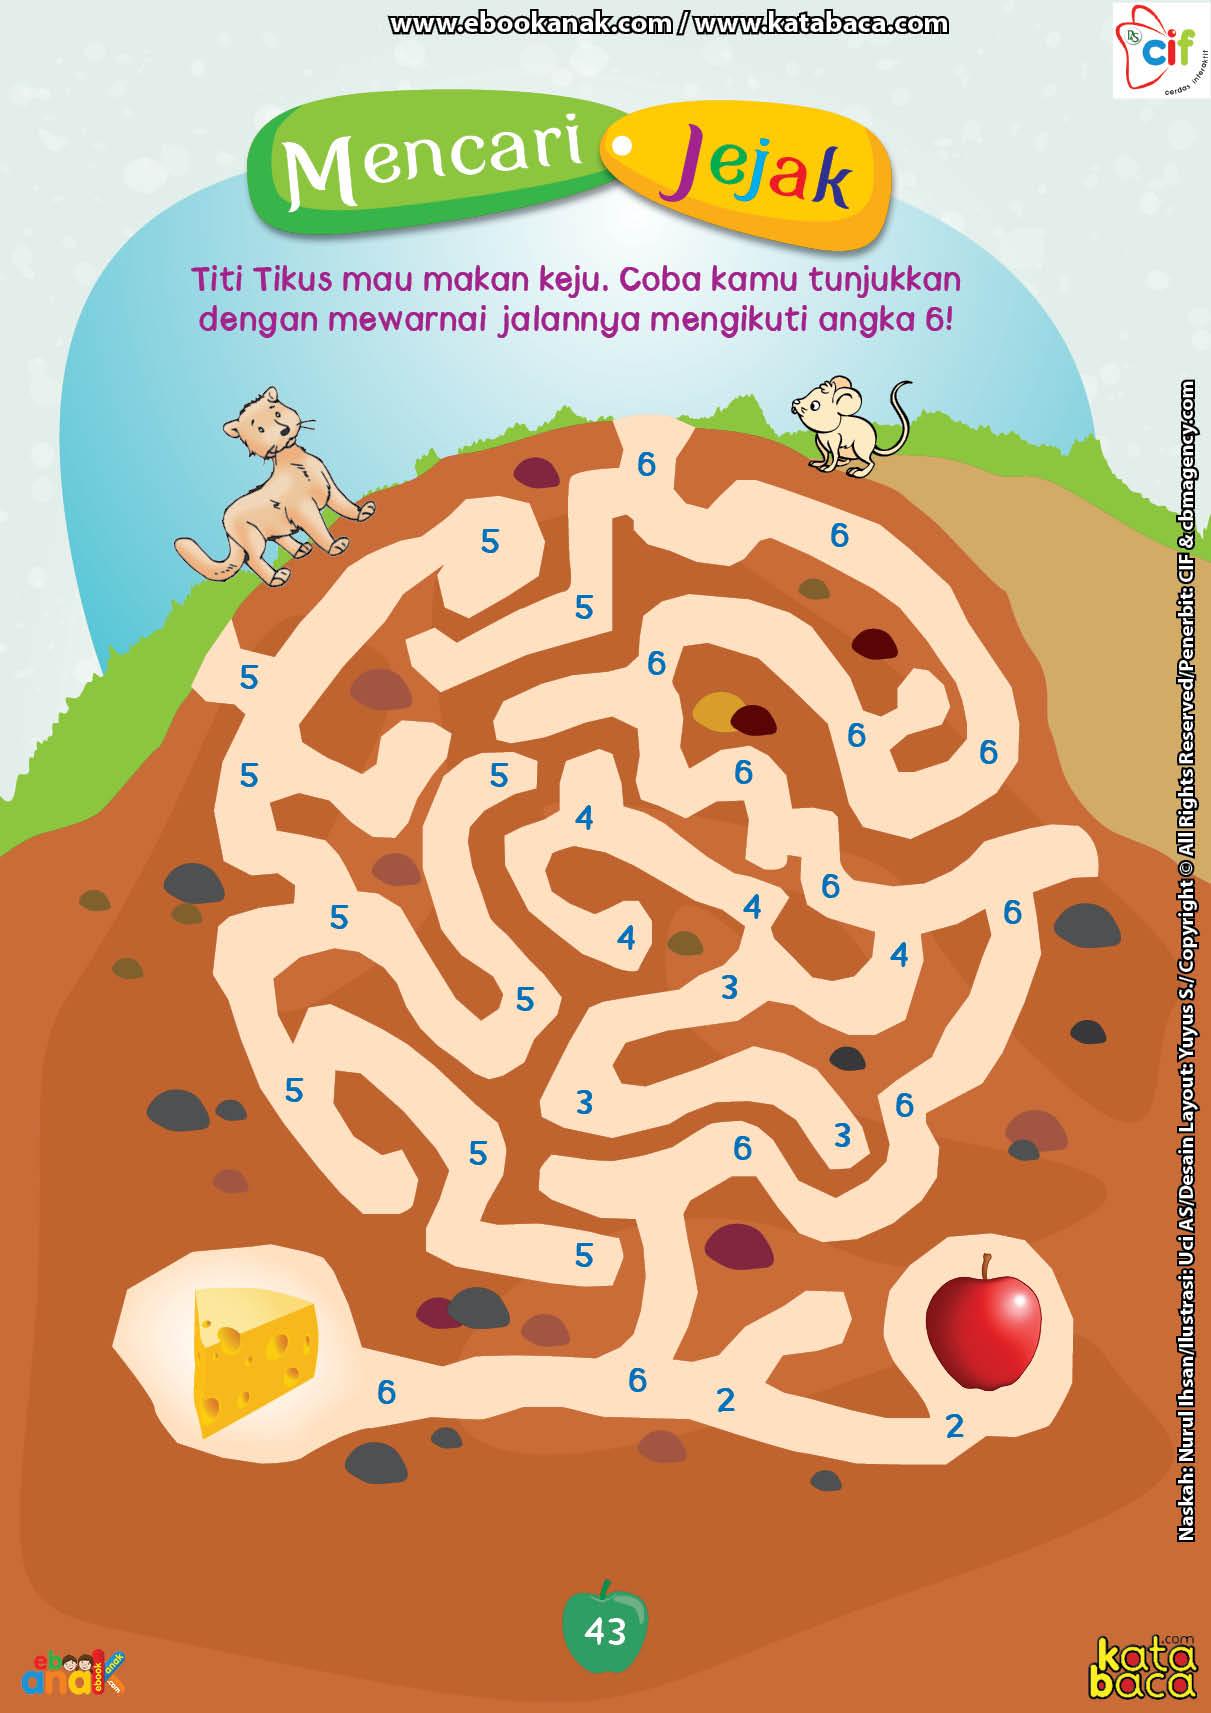 baca buku online brain games calistung43 Mencari Jejak dengan Mewarnai Jalan Mengikuti Angka 6